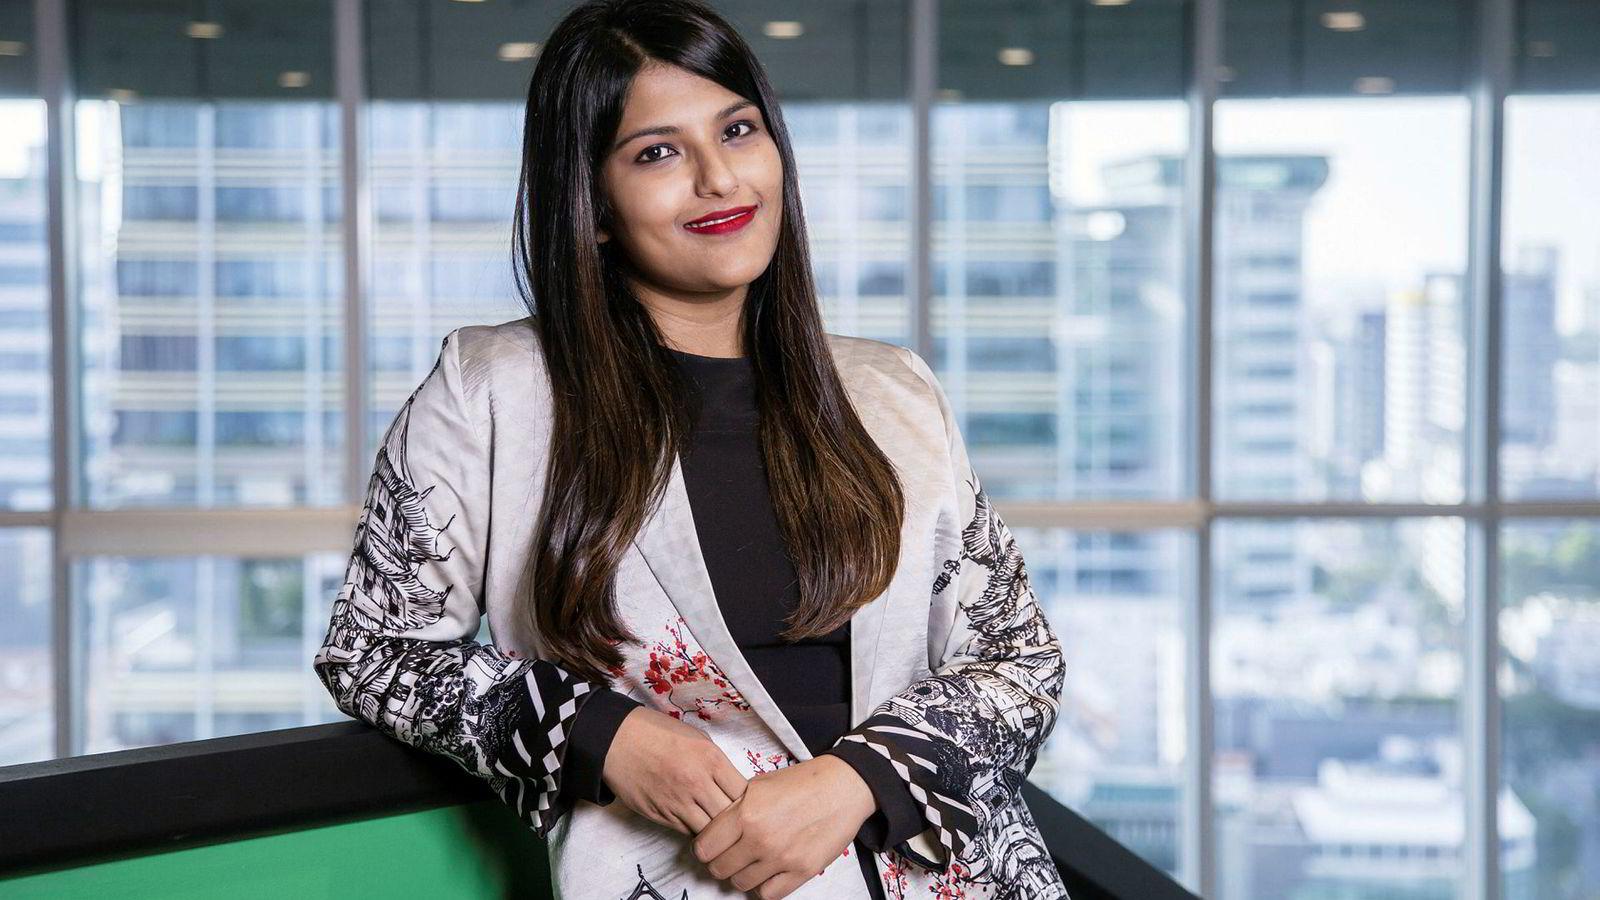 Ankiti Bose og selskapet Zilingo hentet denne uken 226 millioner dollar fra investorer.